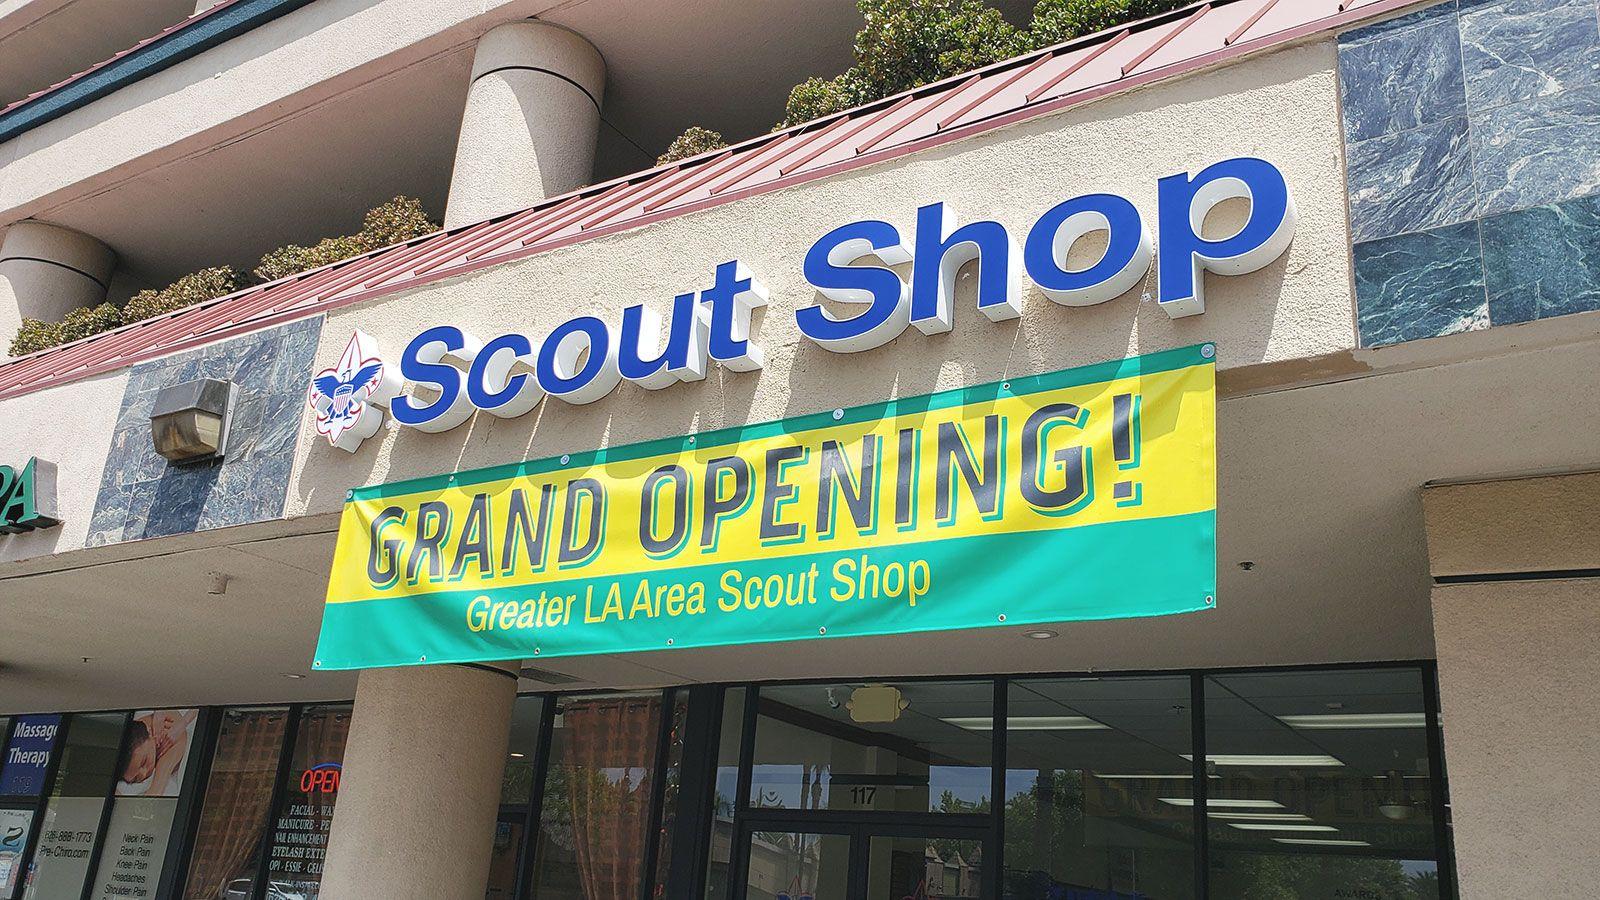 Scout shop LED sign